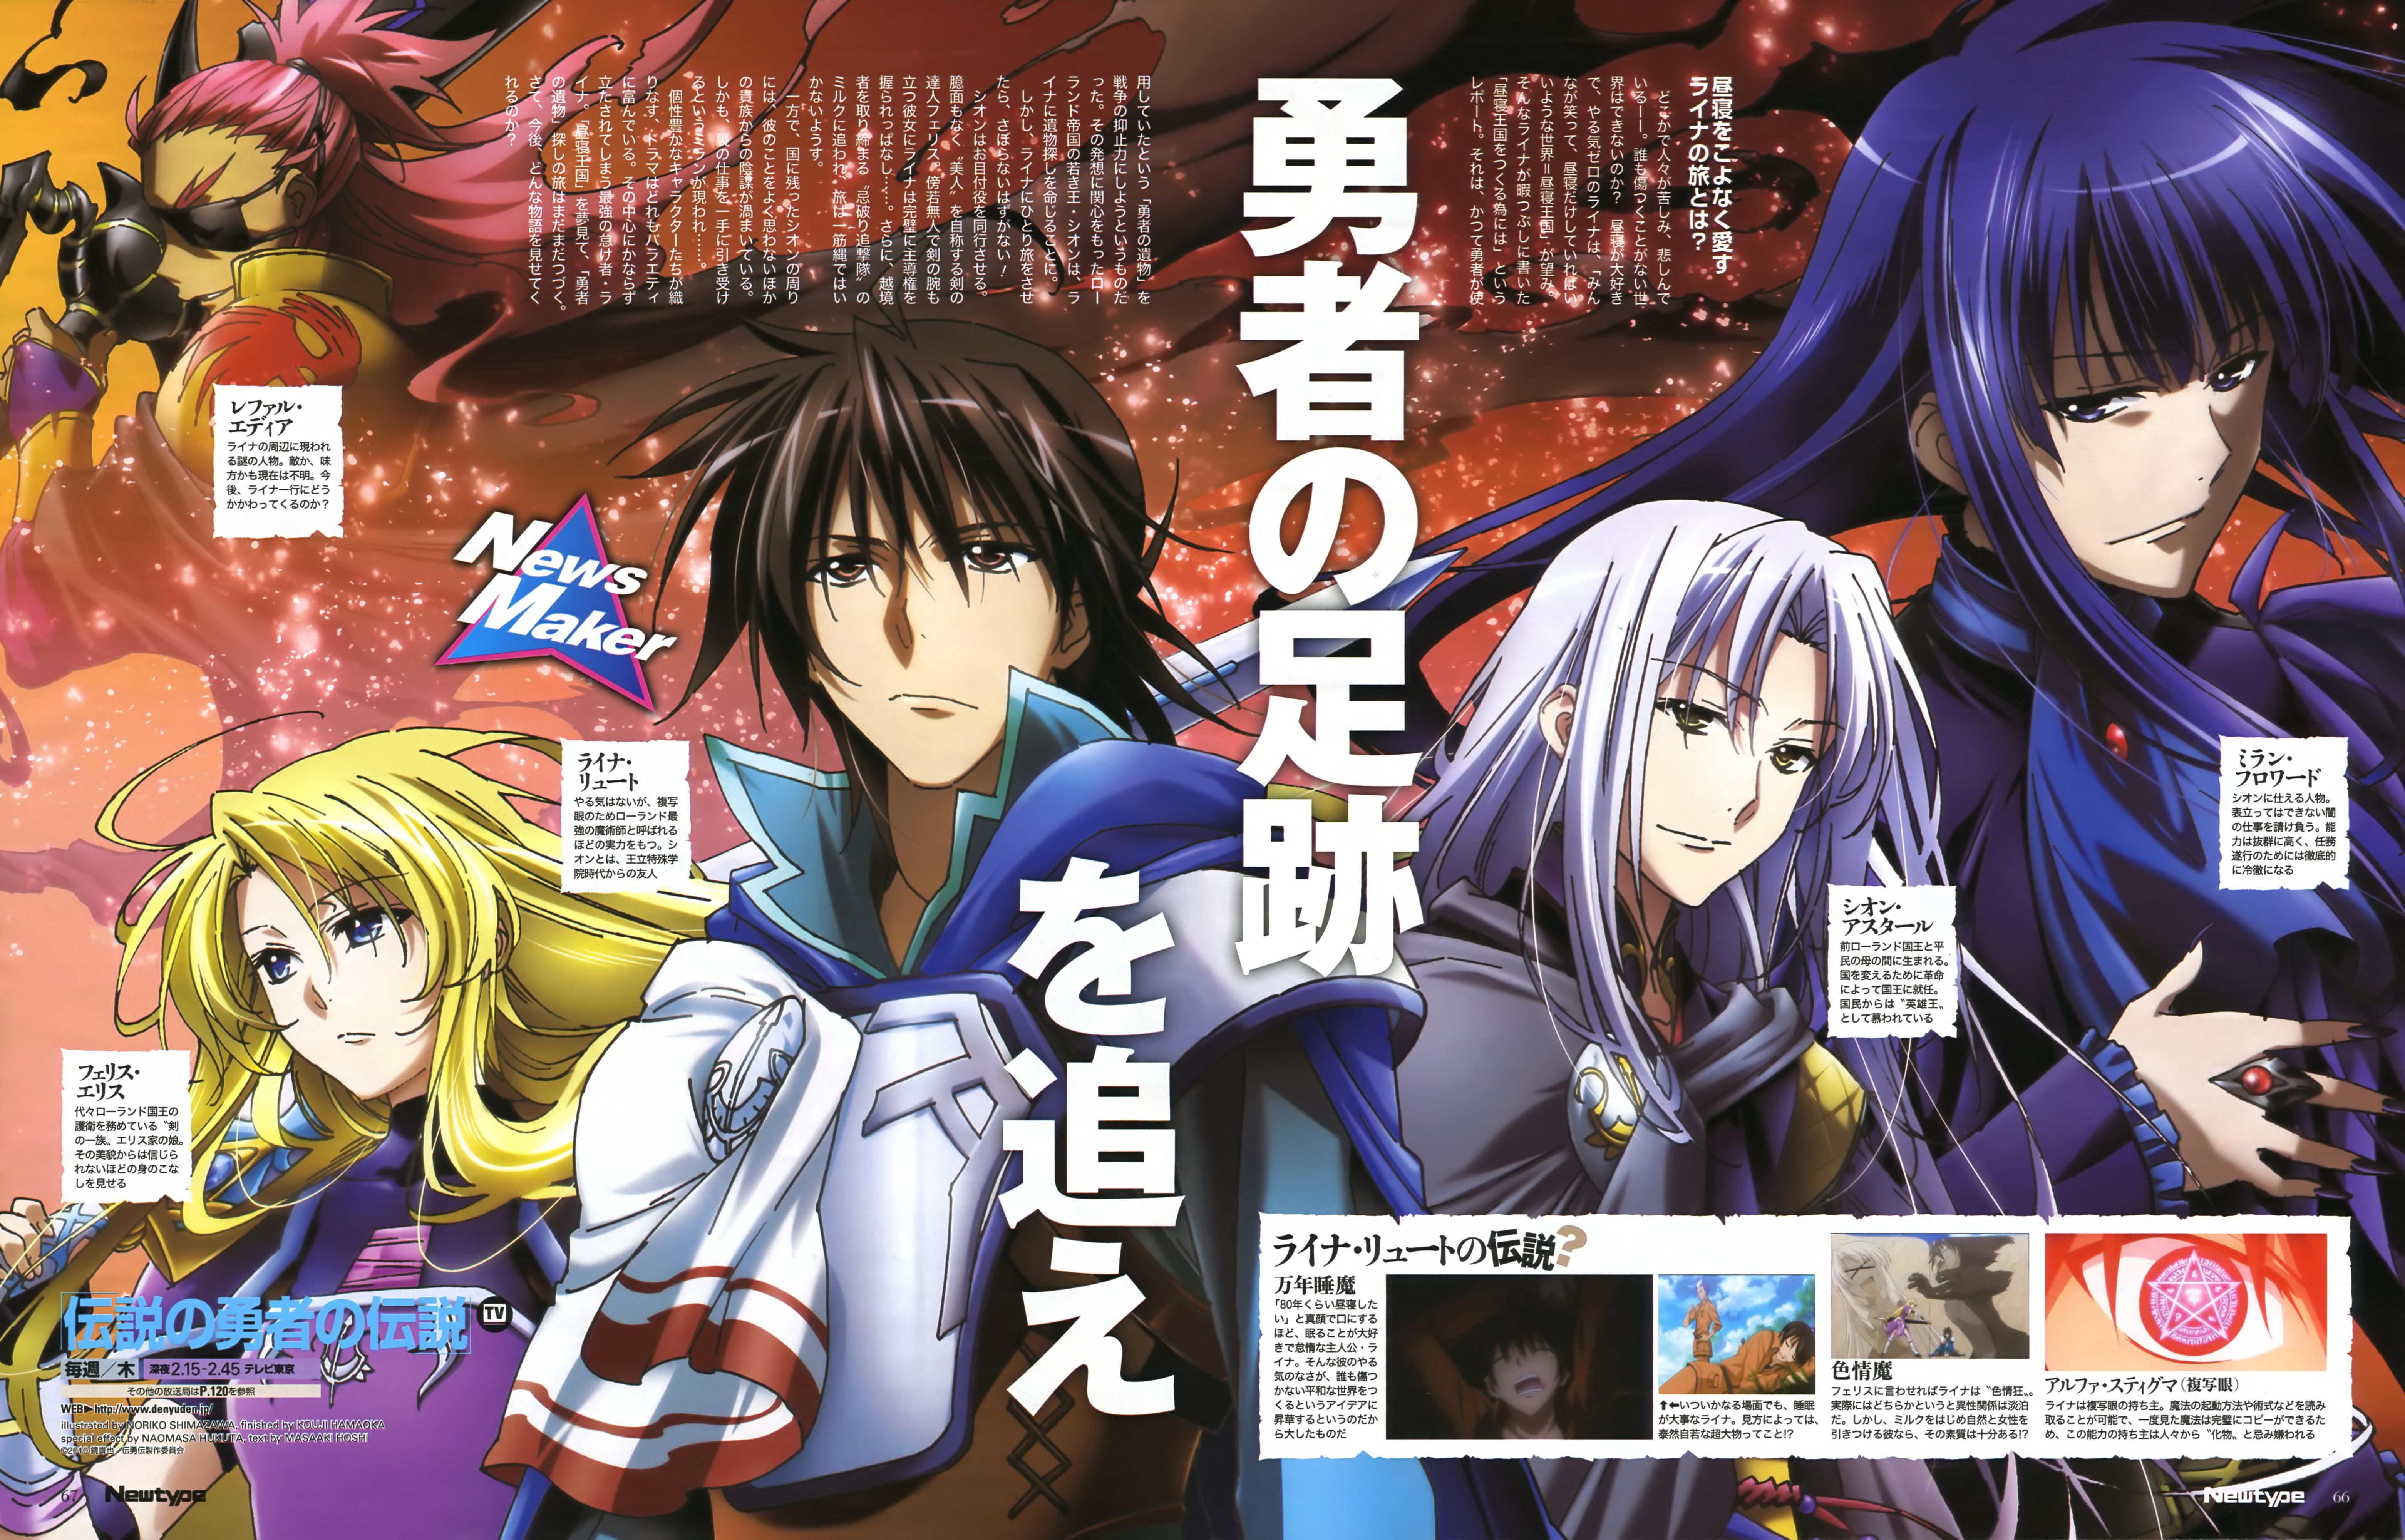 HQ Densetsu No Yuusha No Densetsu Wallpapers | File 6314.49Kb